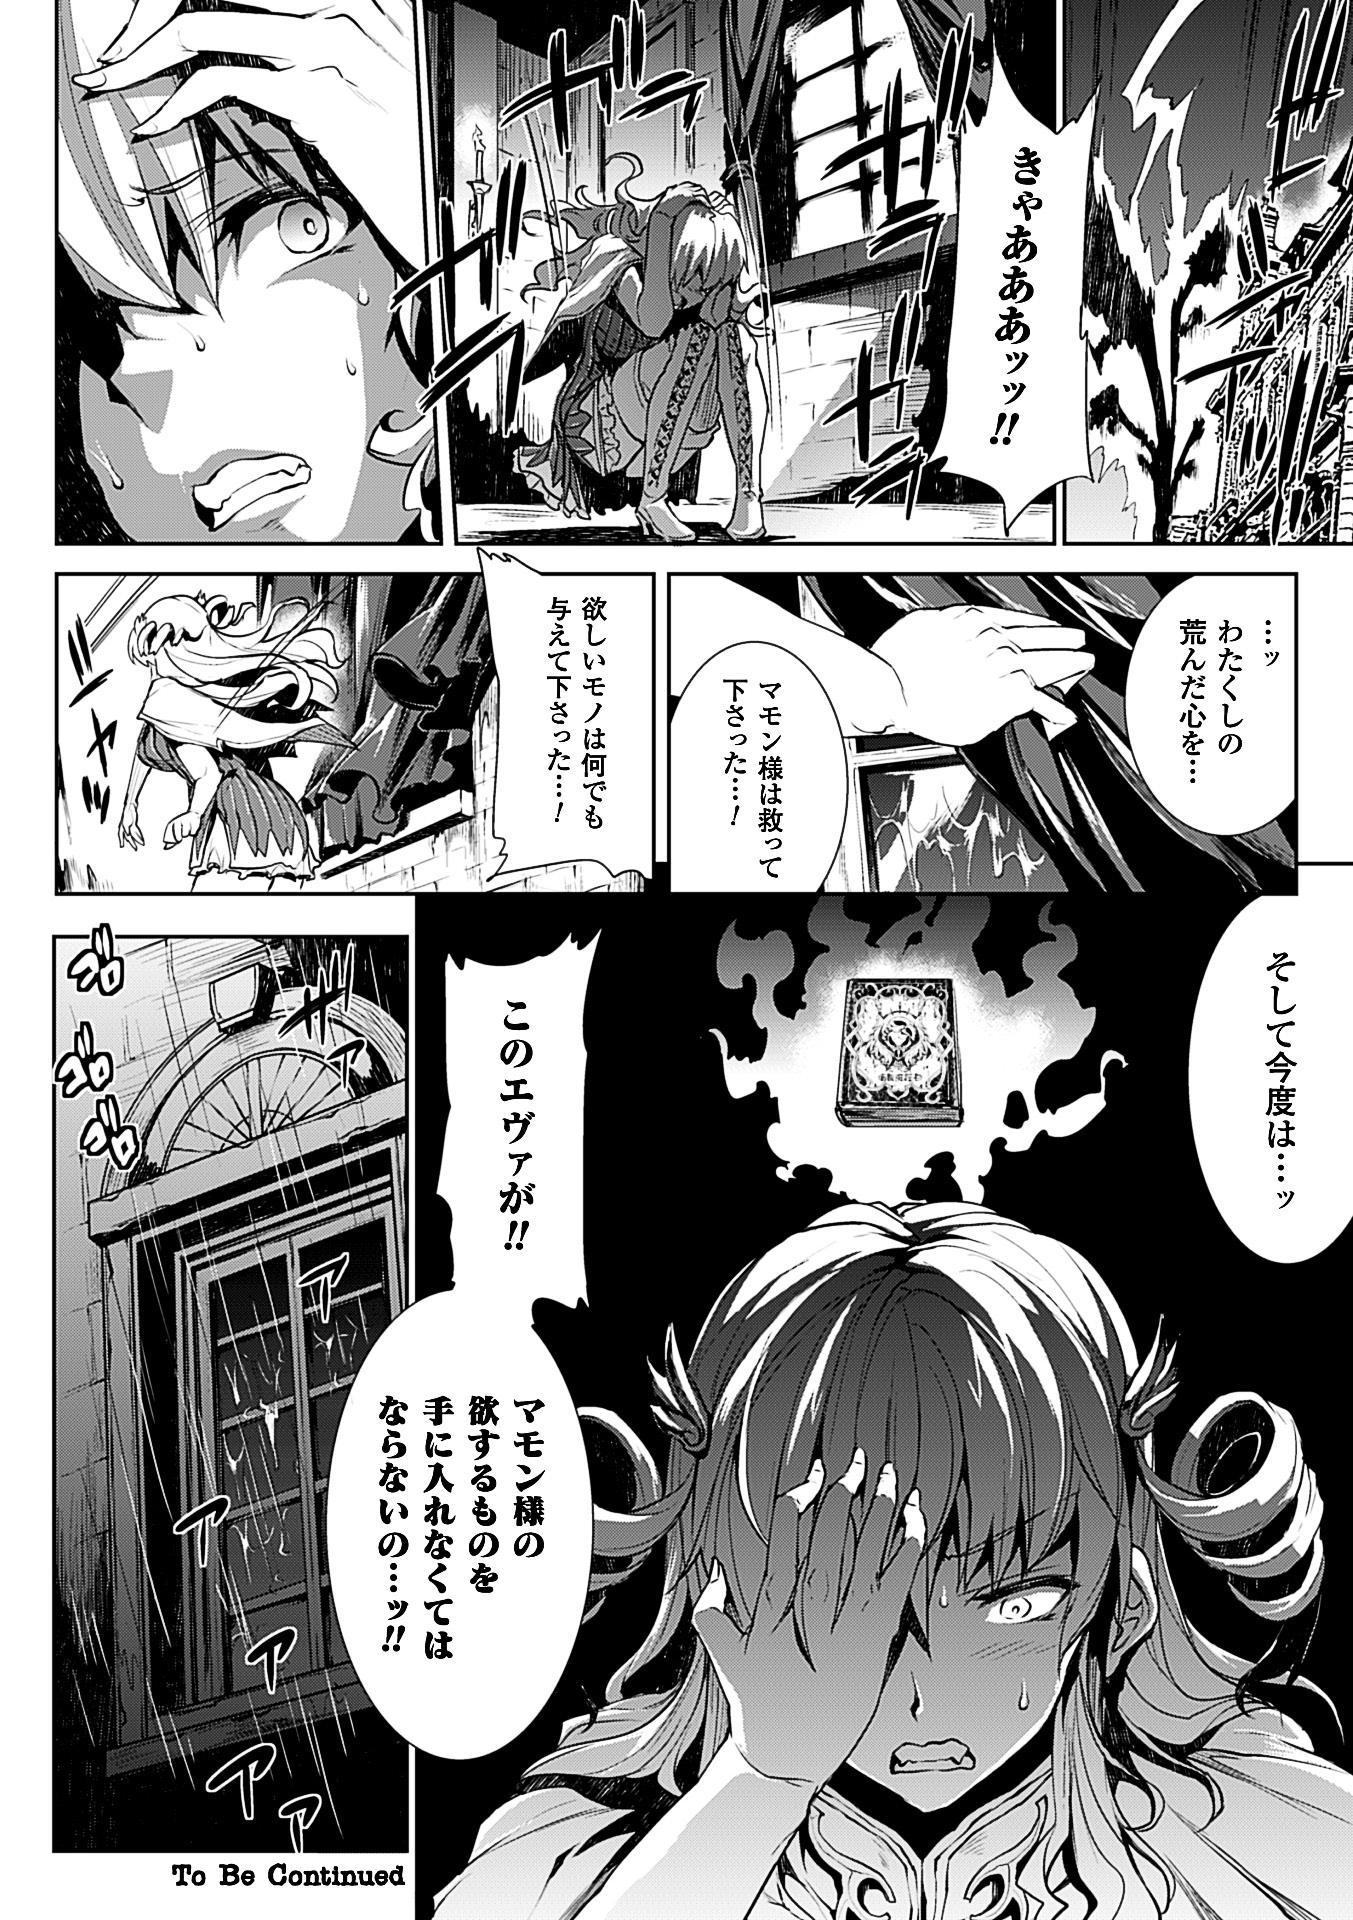 Shinkyoku no Grimoire II 29